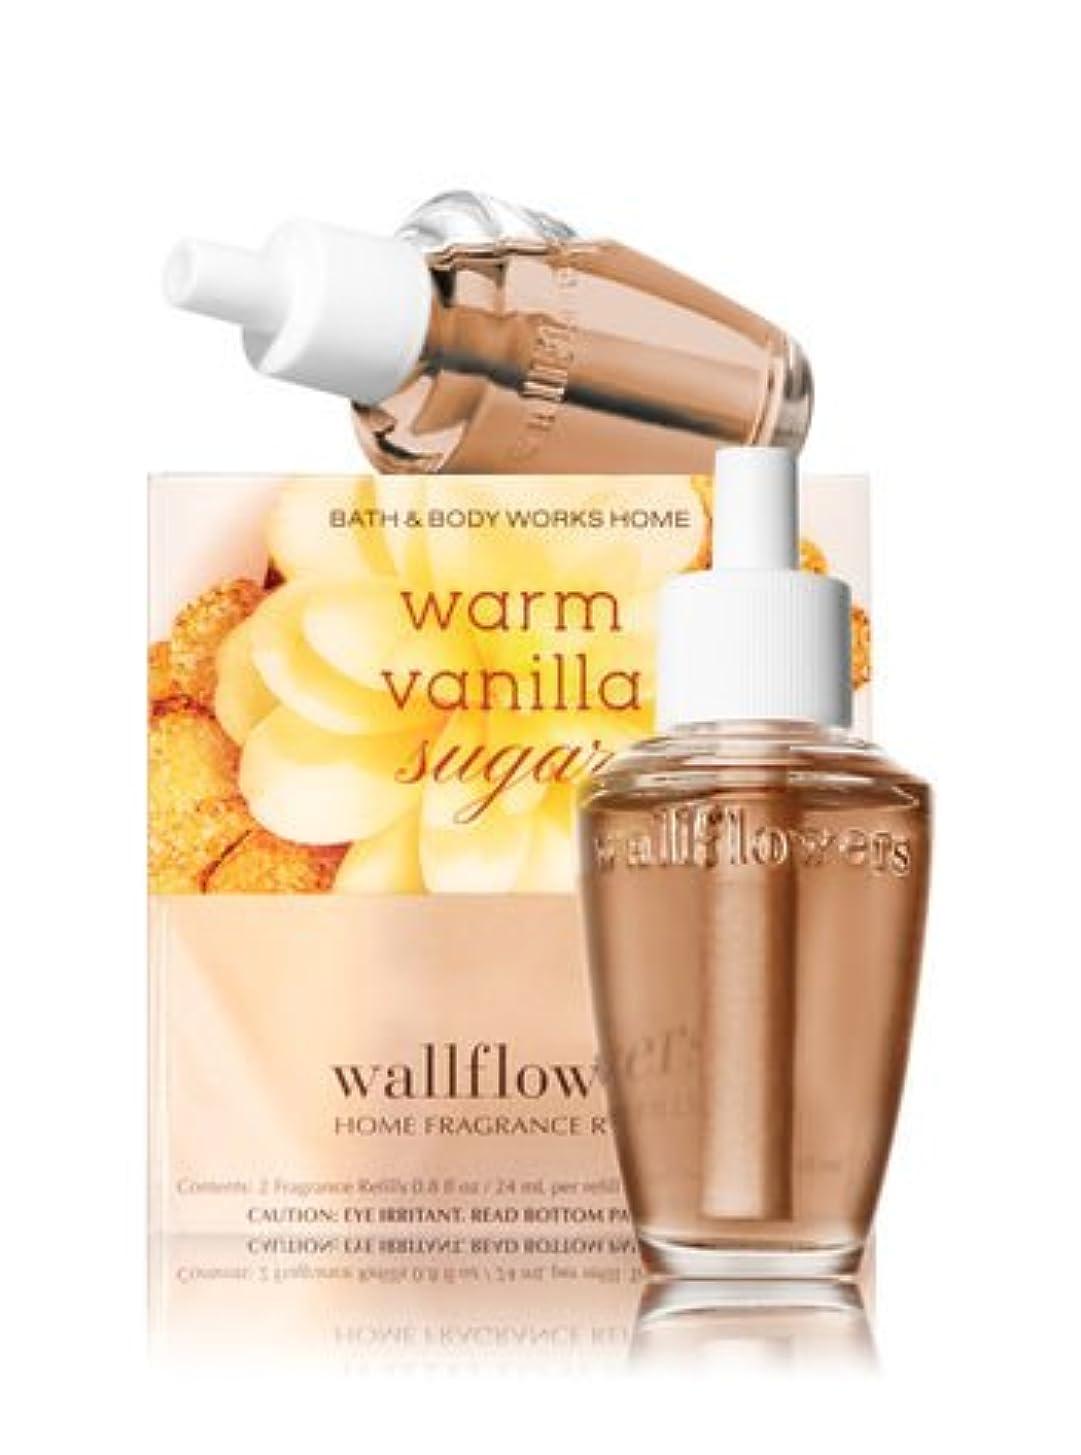 変更手書き心から【Bath&Body Works/バス&ボディワークス】 ルームフレグランス 詰替えリフィル(2個入り) ウォームバニラシュガー Wallflowers Home Fragrance 2-Pack Refills Warm Vanilla Sugar [並行輸入品]